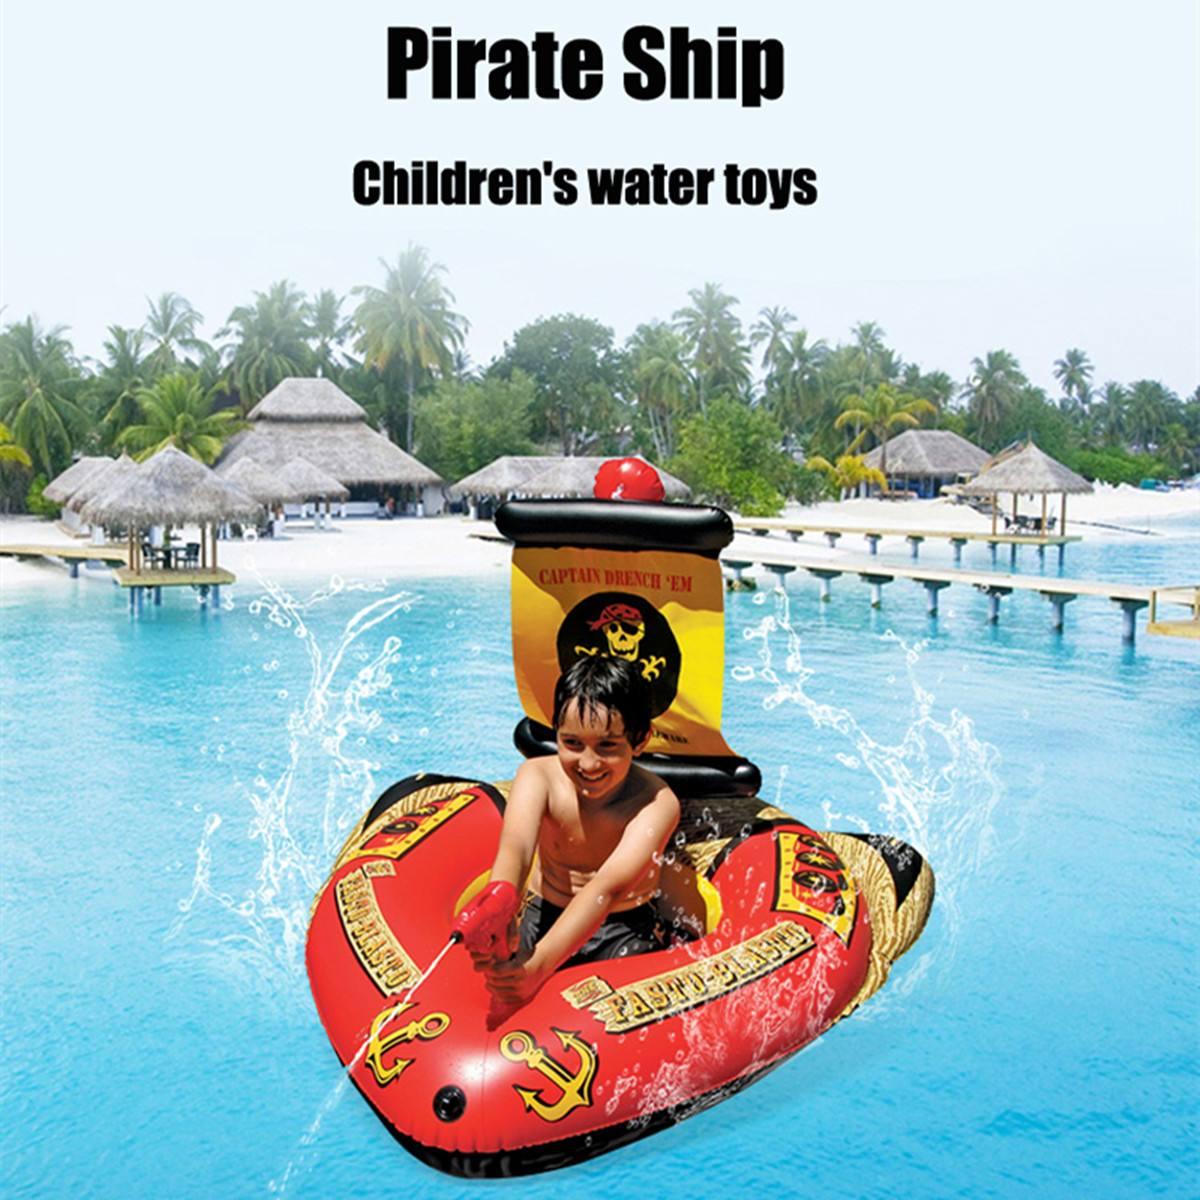 Bateau gonflable nager flottant rangée Pirate lit d'eau plage piscine enfants jouet environnement fond ouvert siège enfants garçon